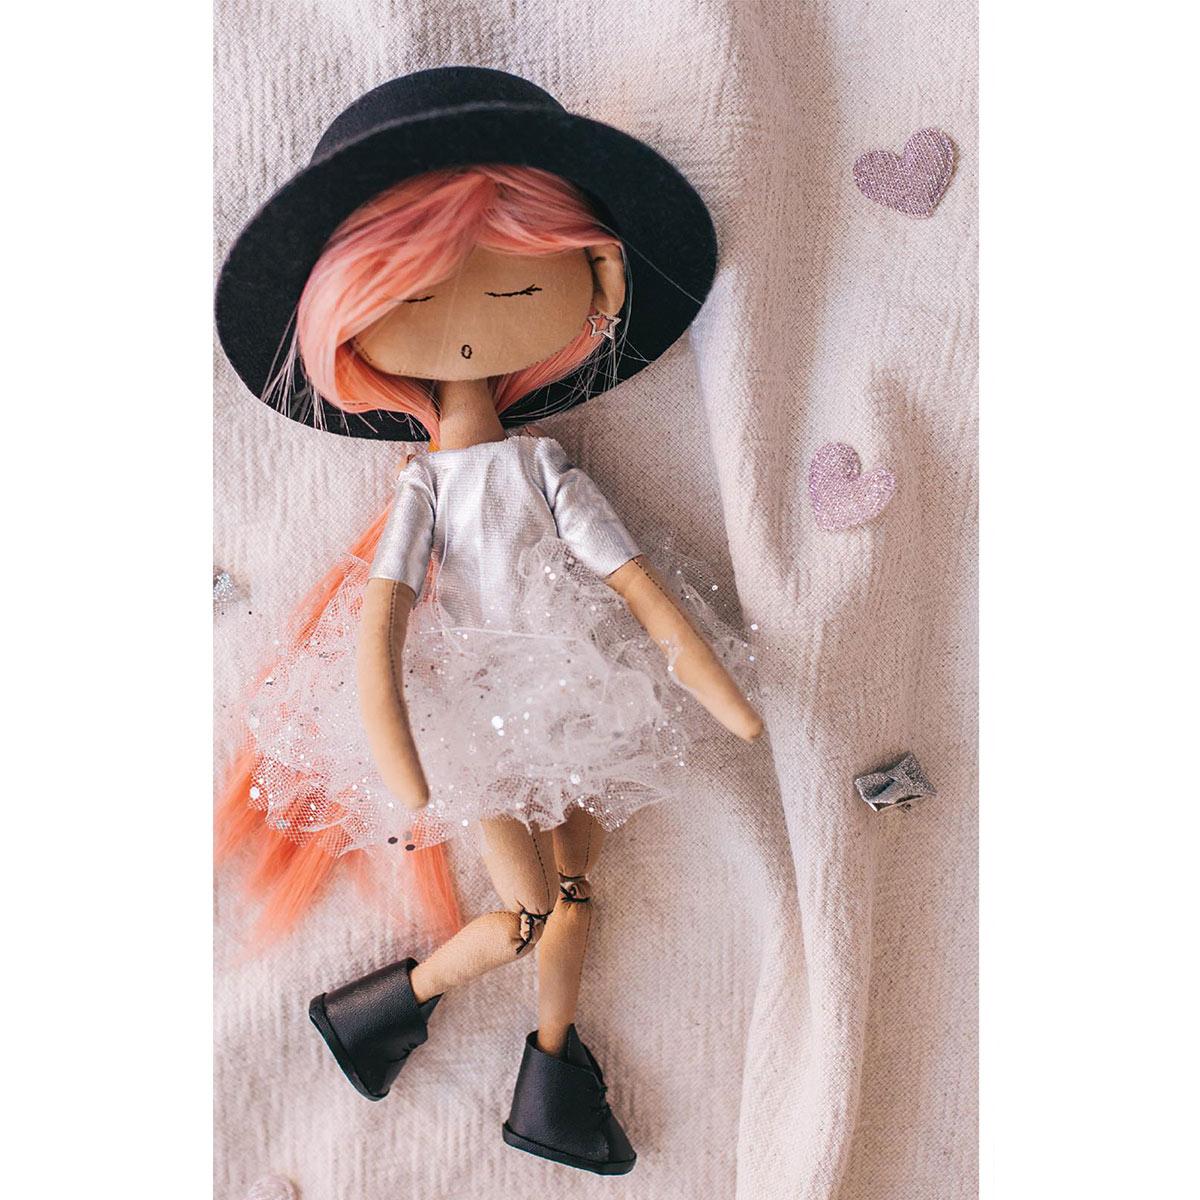 4936498 Интерьерная кукла 'Анжелика', набор для шитья 21*0,5*29,7 см